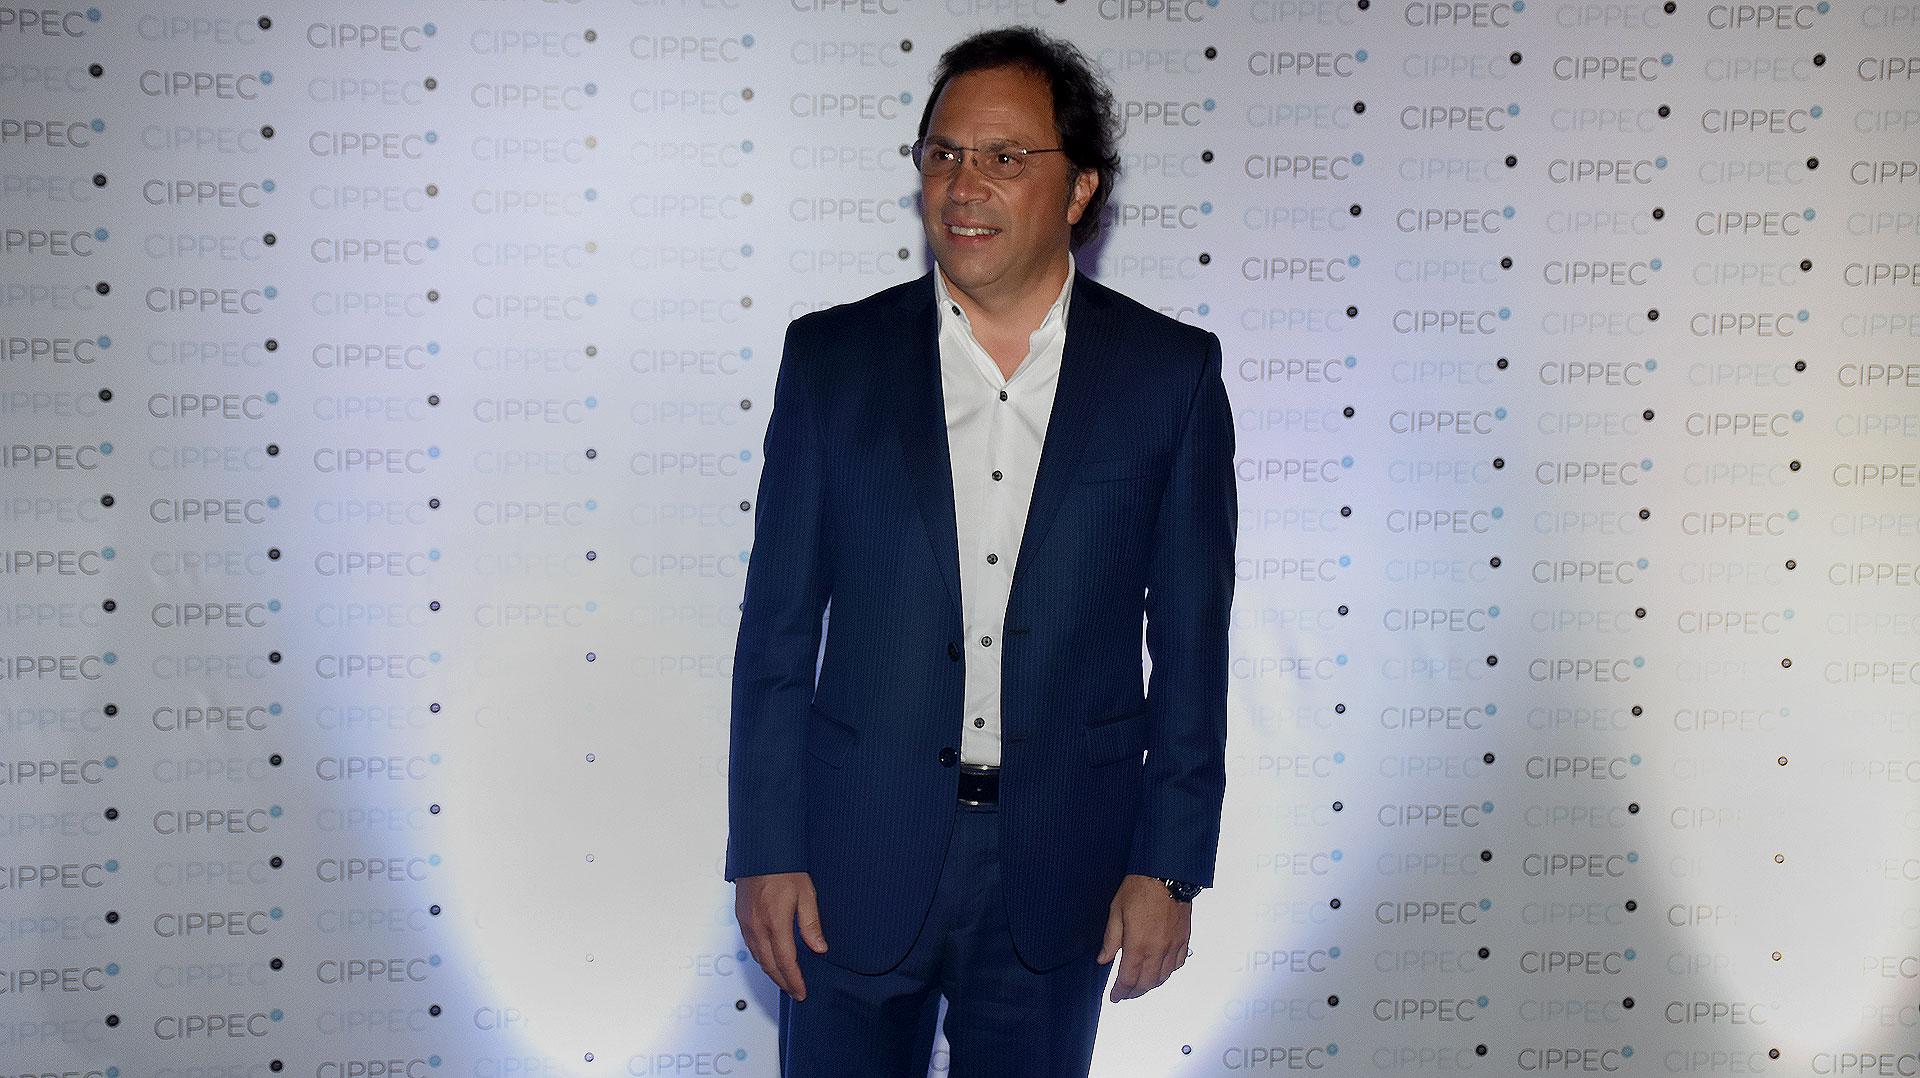 El diputado Darío Giustozzi